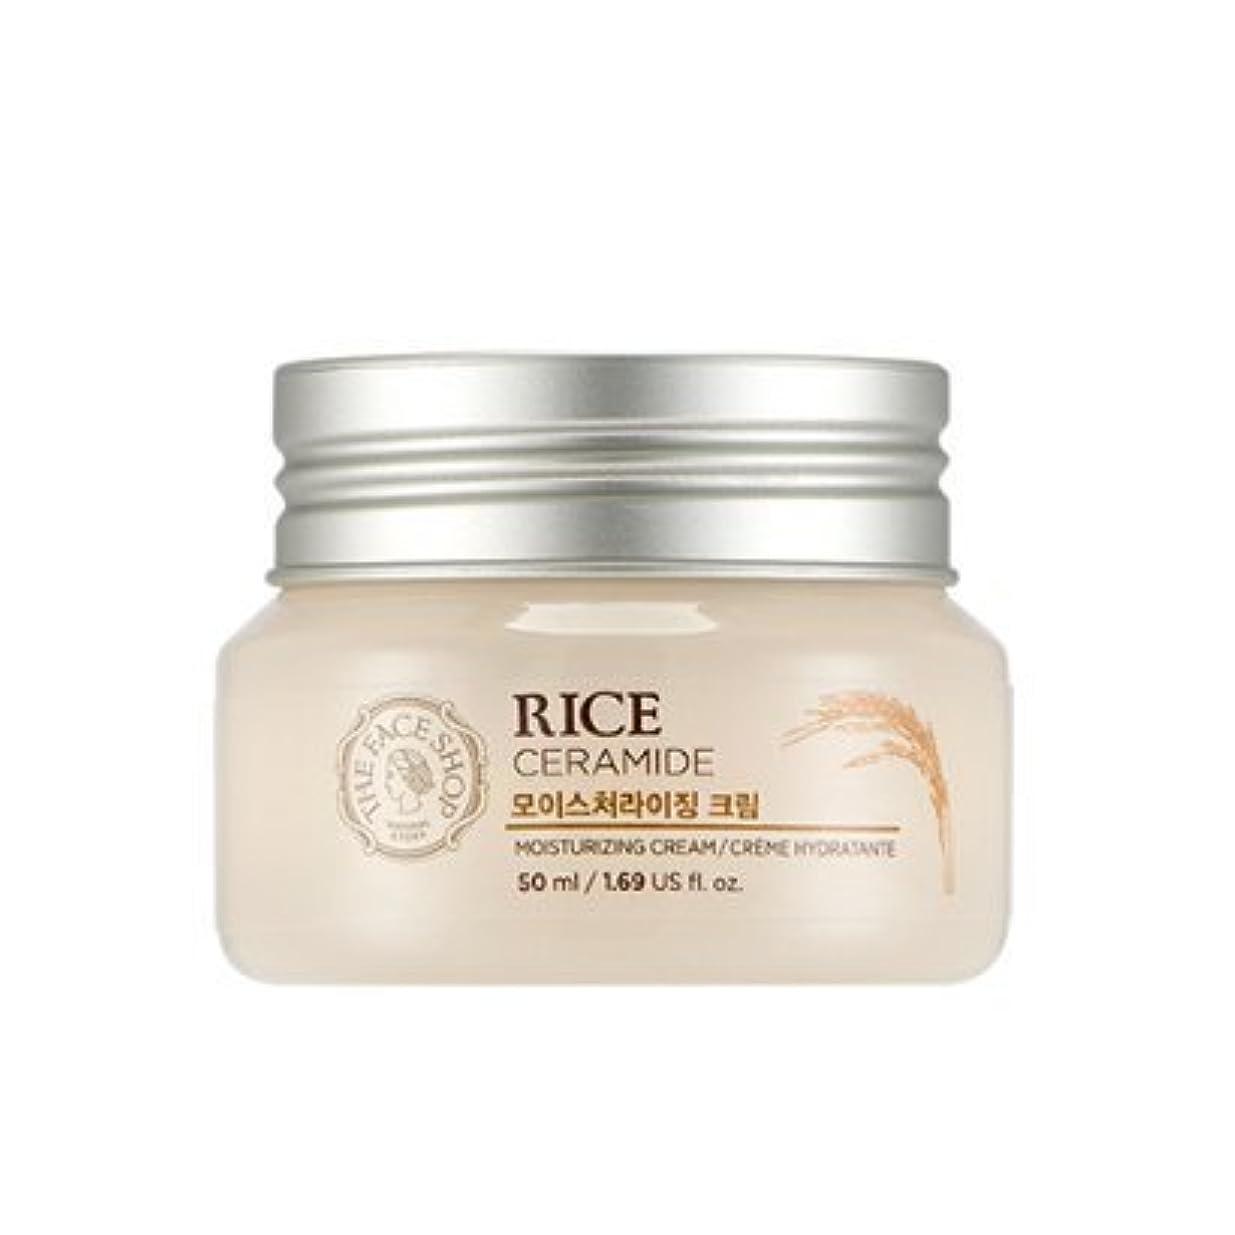 沼地好きボランティアTHE FACE SHOP Rice & Ceramide Moisturizing Cream ザフェイスショップ ライス&セラミドモイスチャーライジングクリーム [並行輸入品]